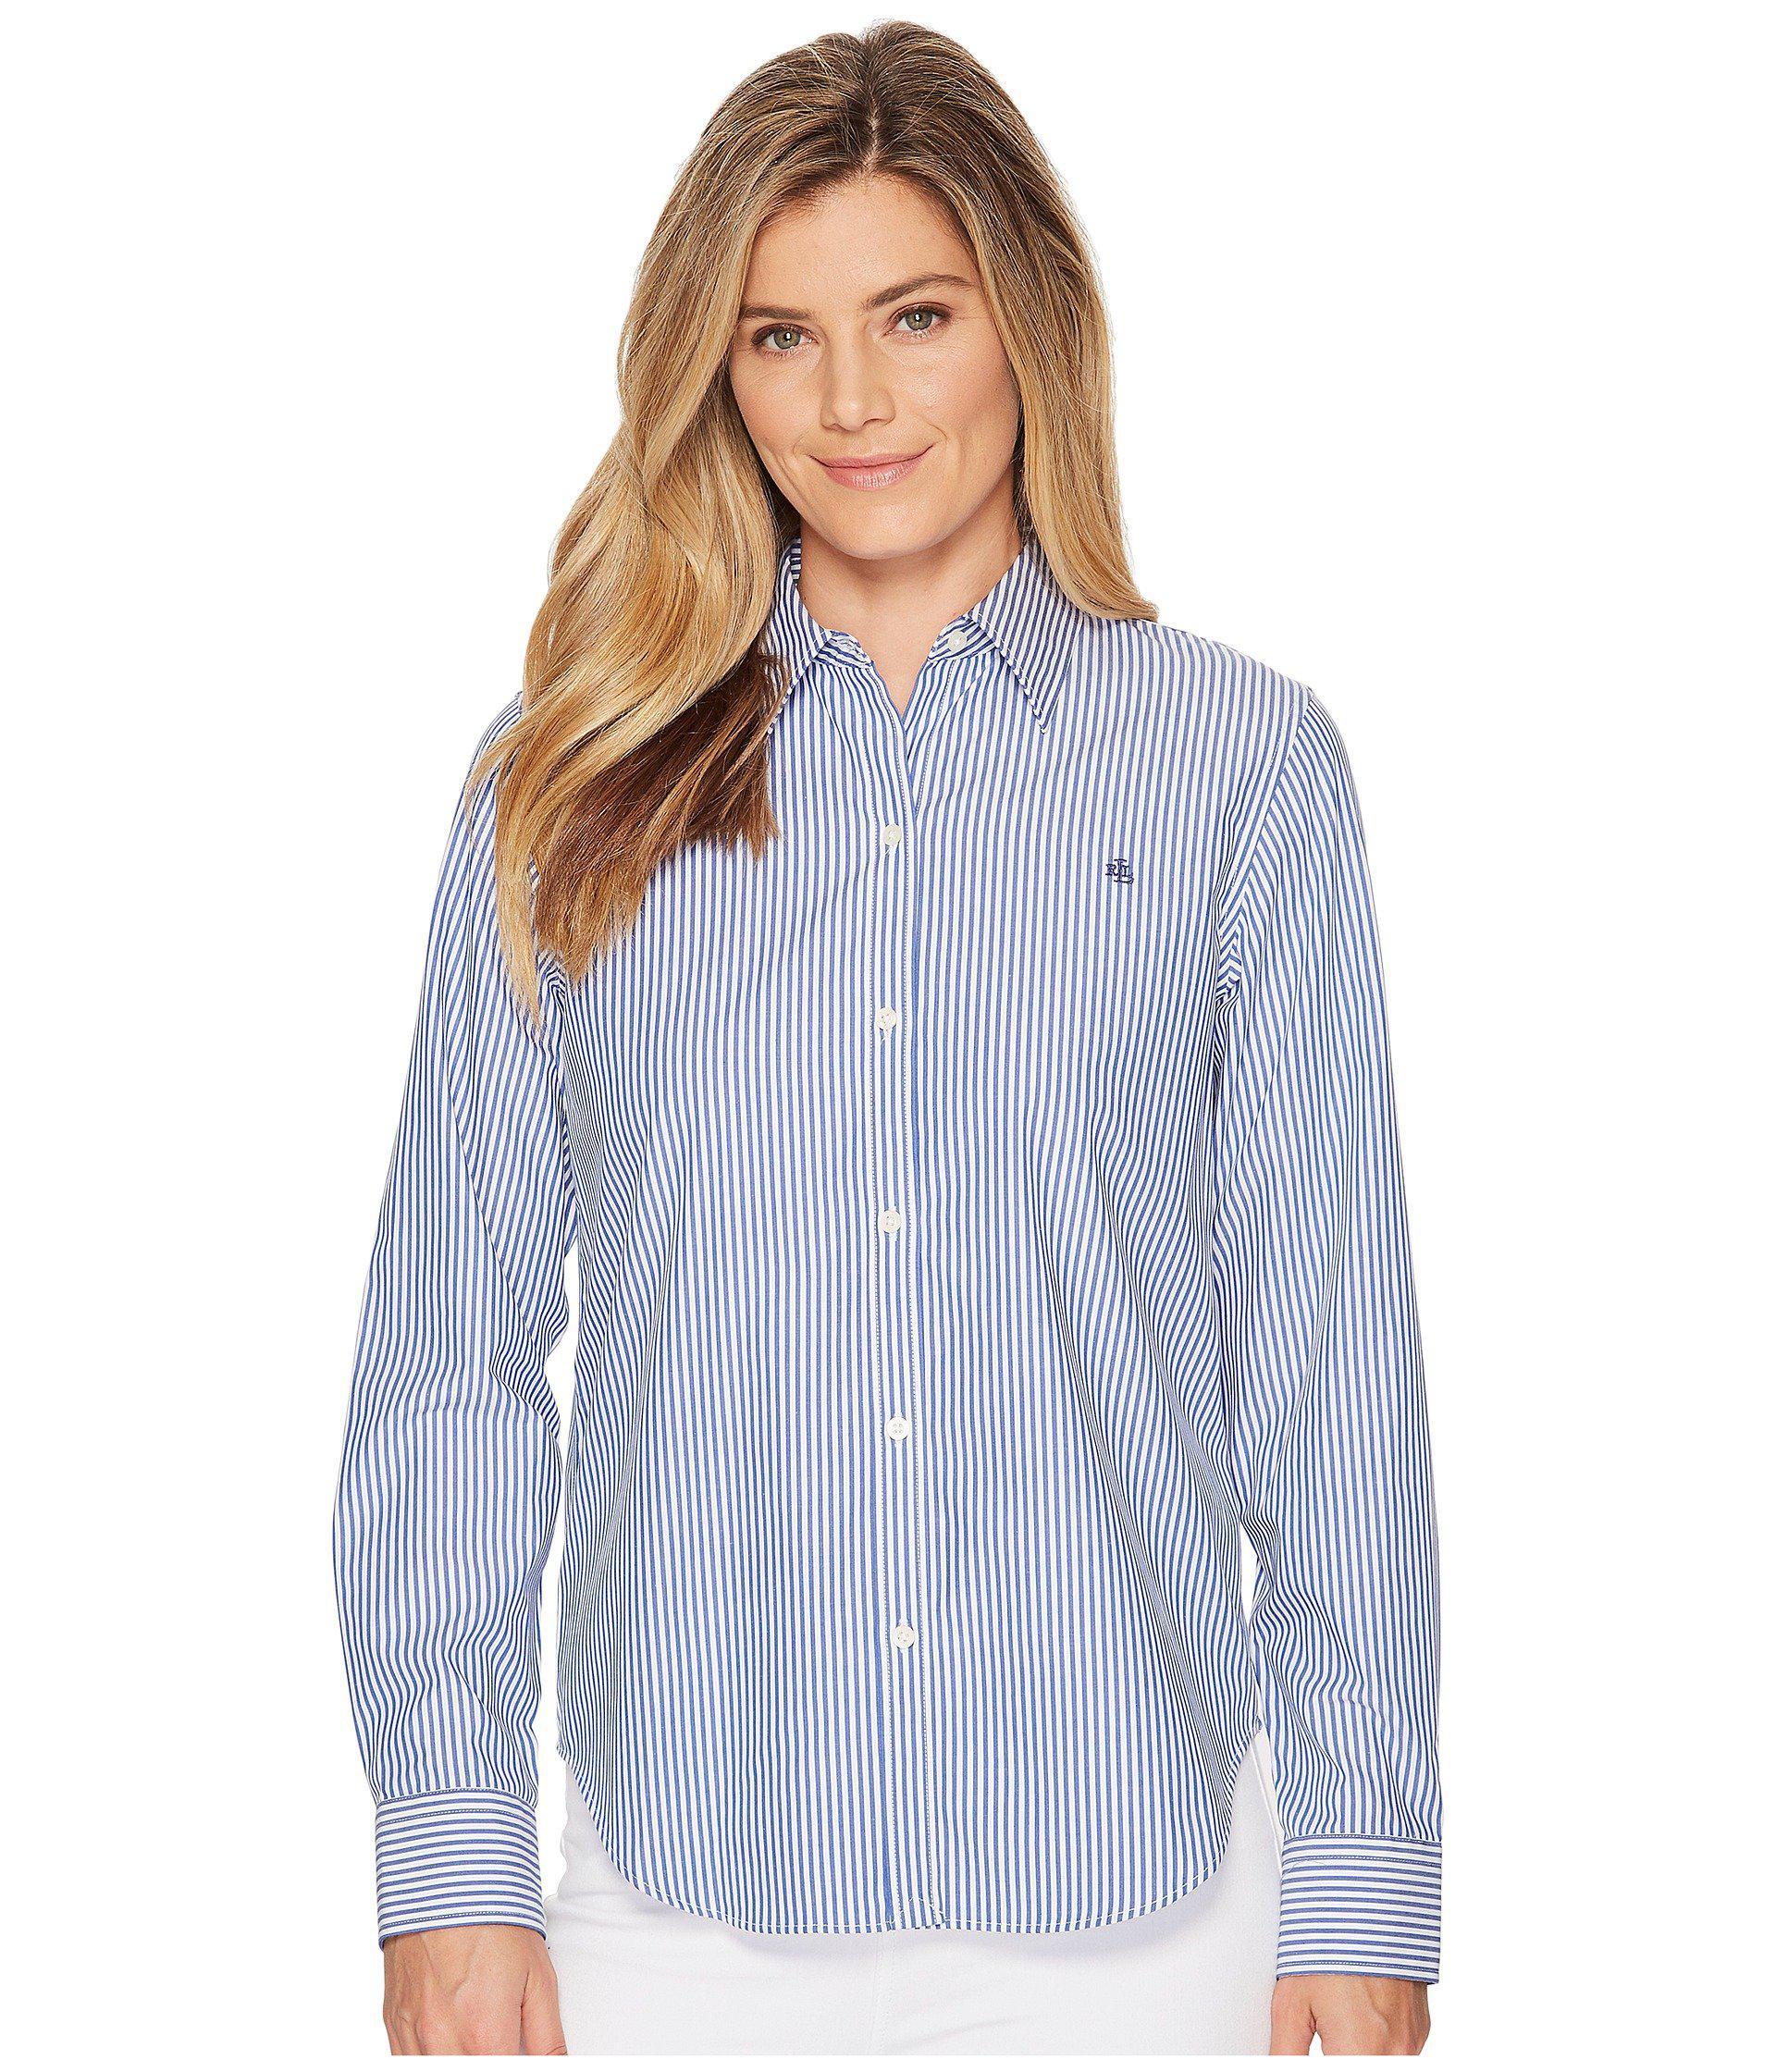 72e69ca5753 Lyst - Lauren by Ralph Lauren Plus Size Striped Cotton Shirt (blue ...